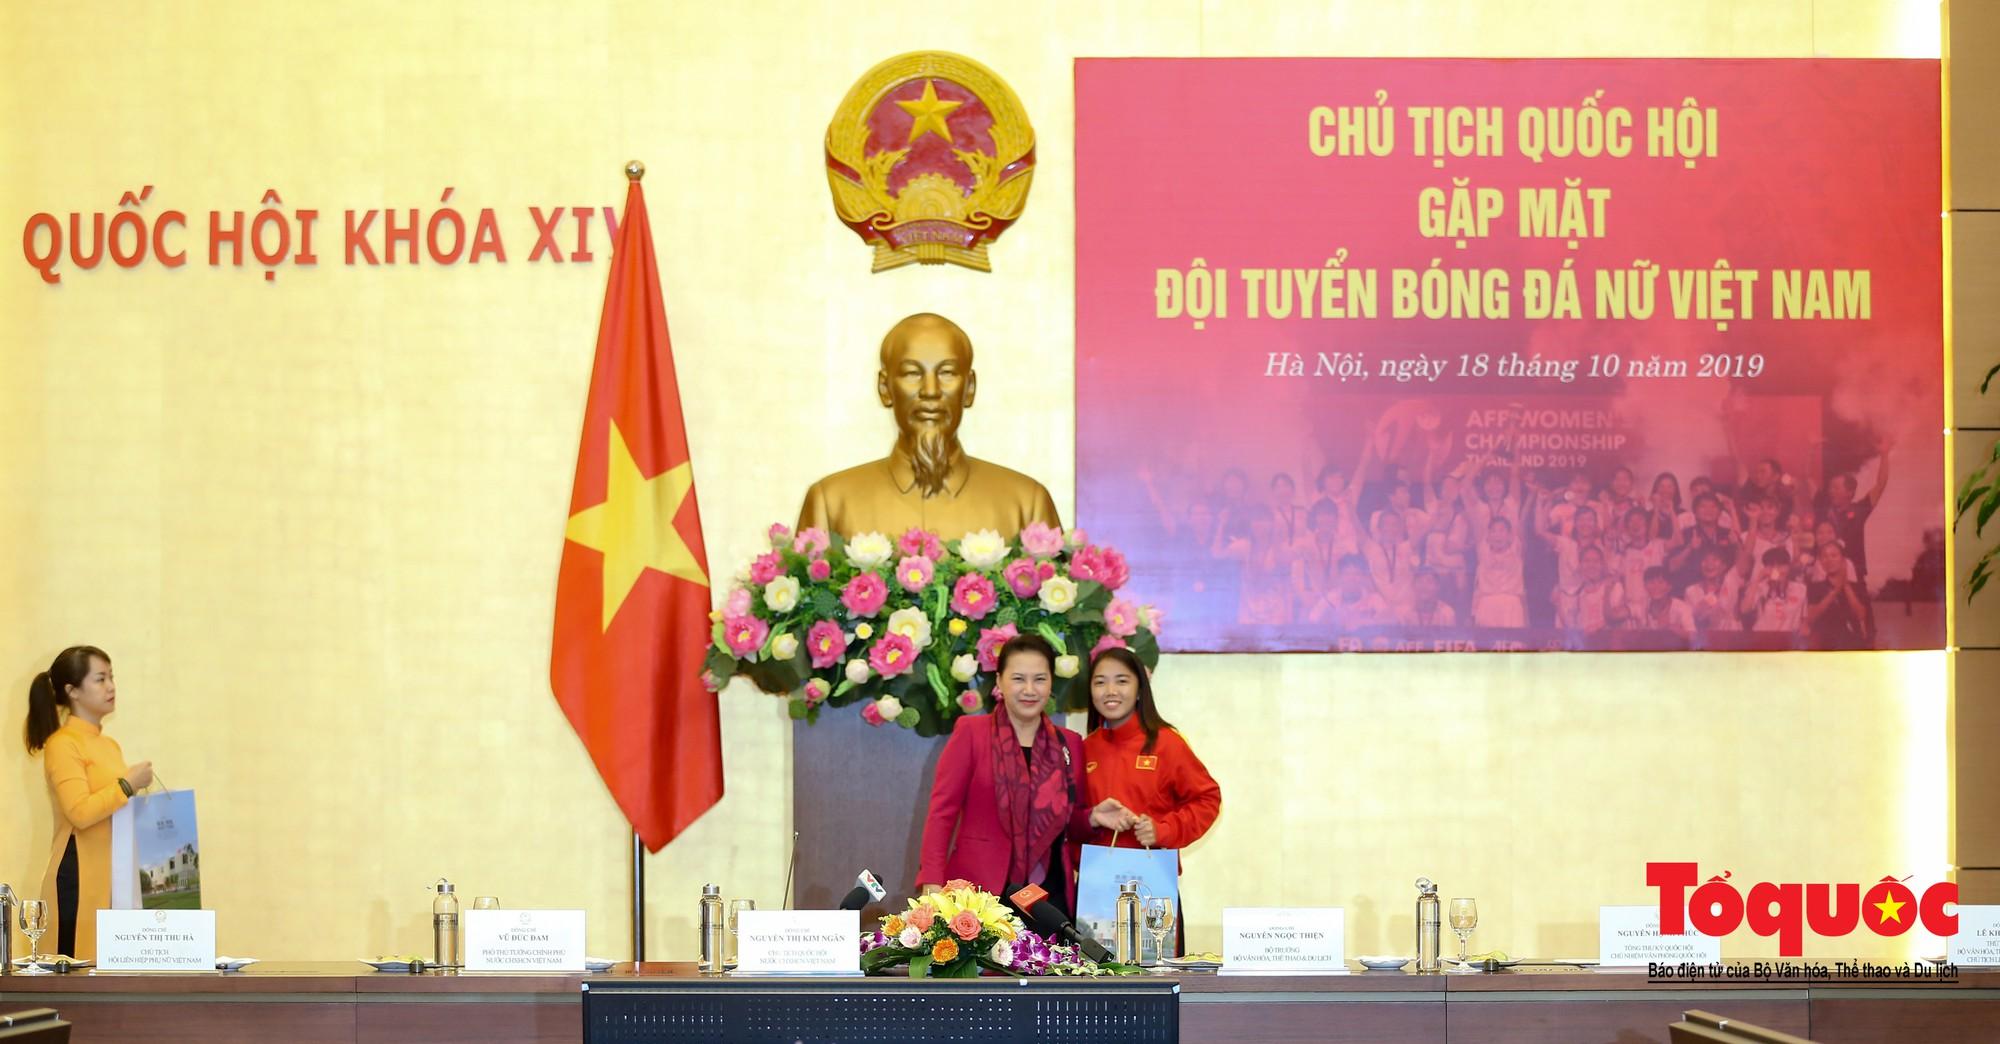 Chủ tịch Quốc hội Nguyễn Thị Kim Ngân: Bóng đá nam nhìn thành tích bóng đá nữ còn phải mơ ước dài13